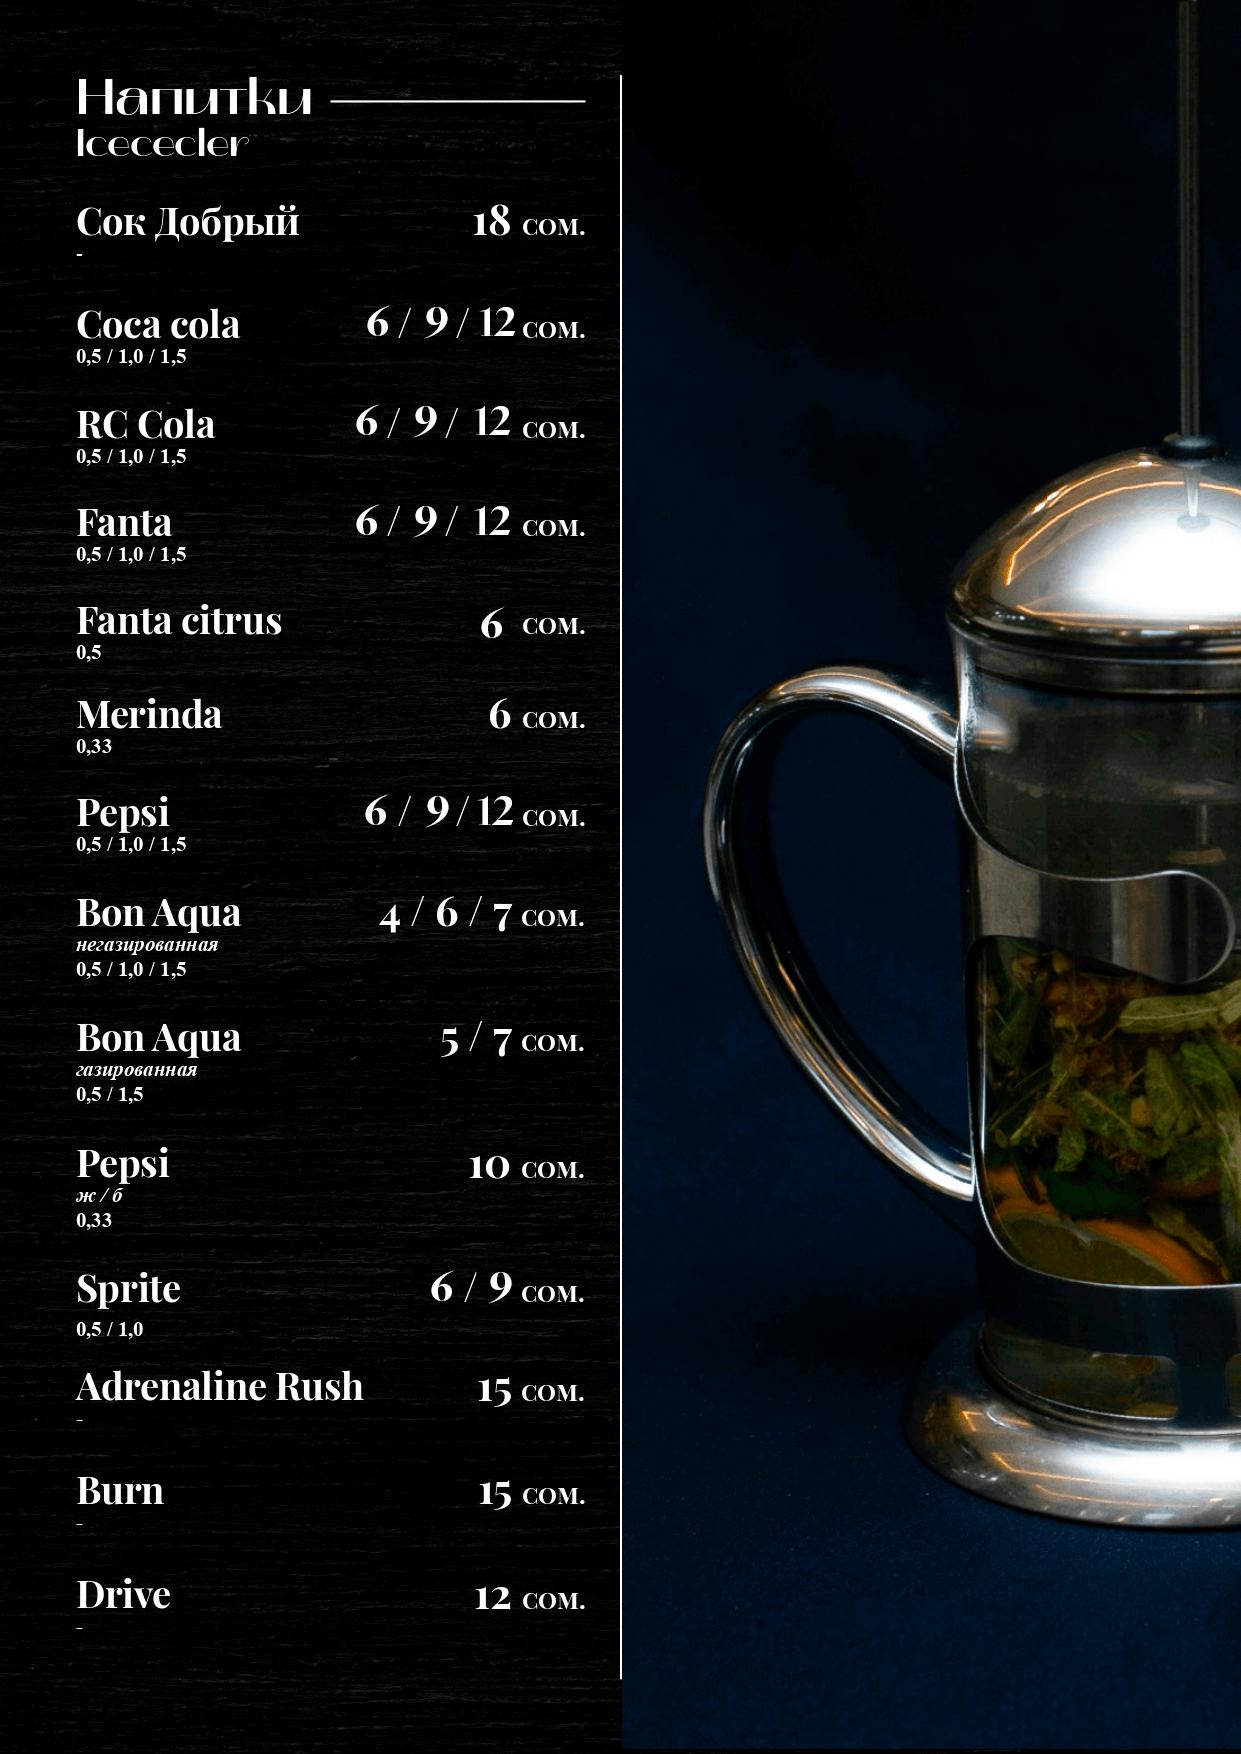 Assado_menu_page-0037